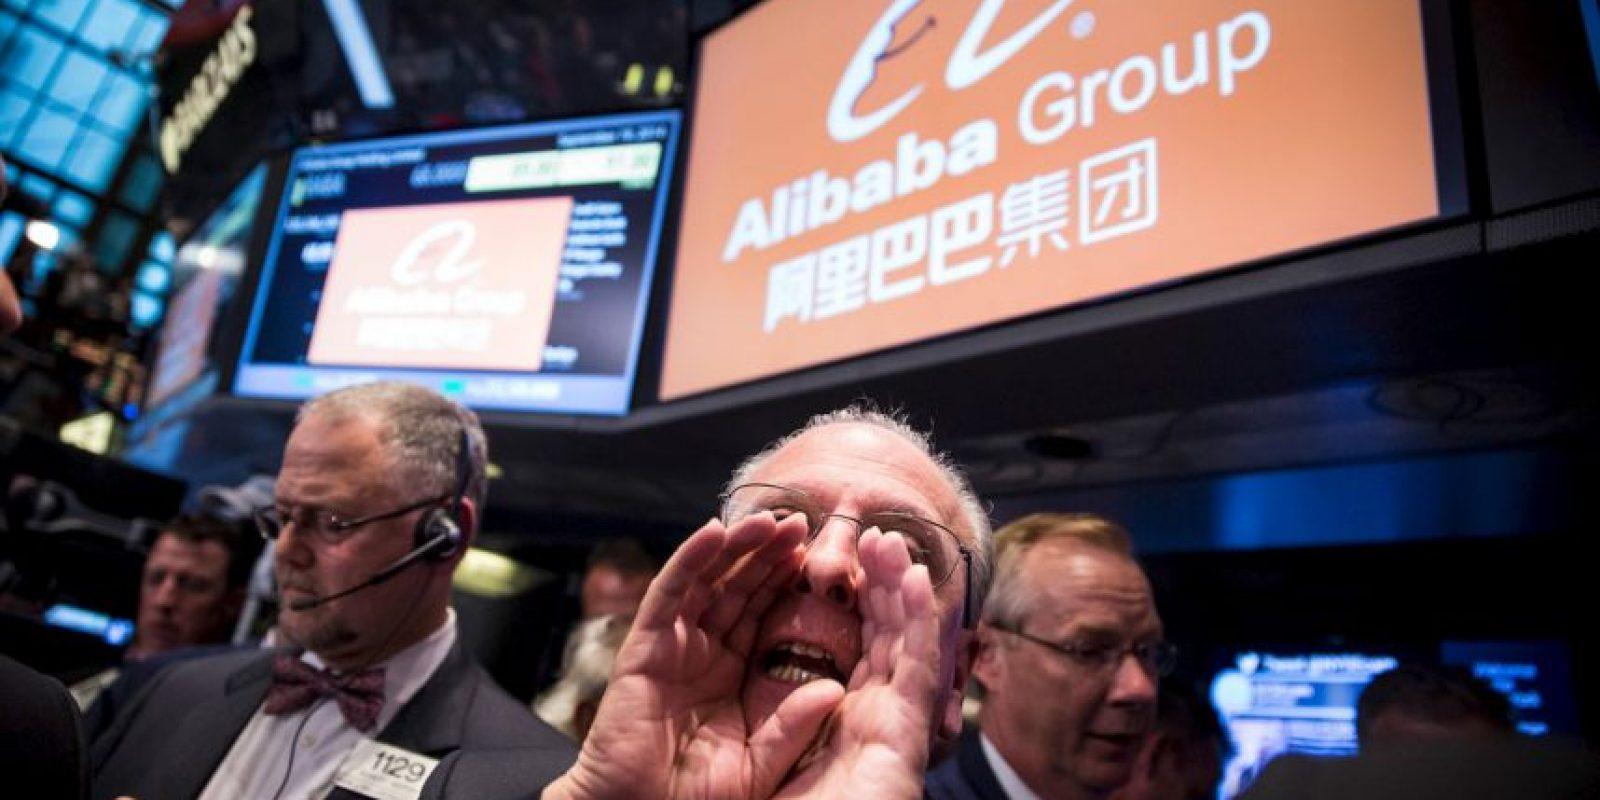 El Grupo Alibaba será eñ socio que invertirá los 500 millones de dólares para soportar el crecimiento de Snapchat. Foto:Getty Images